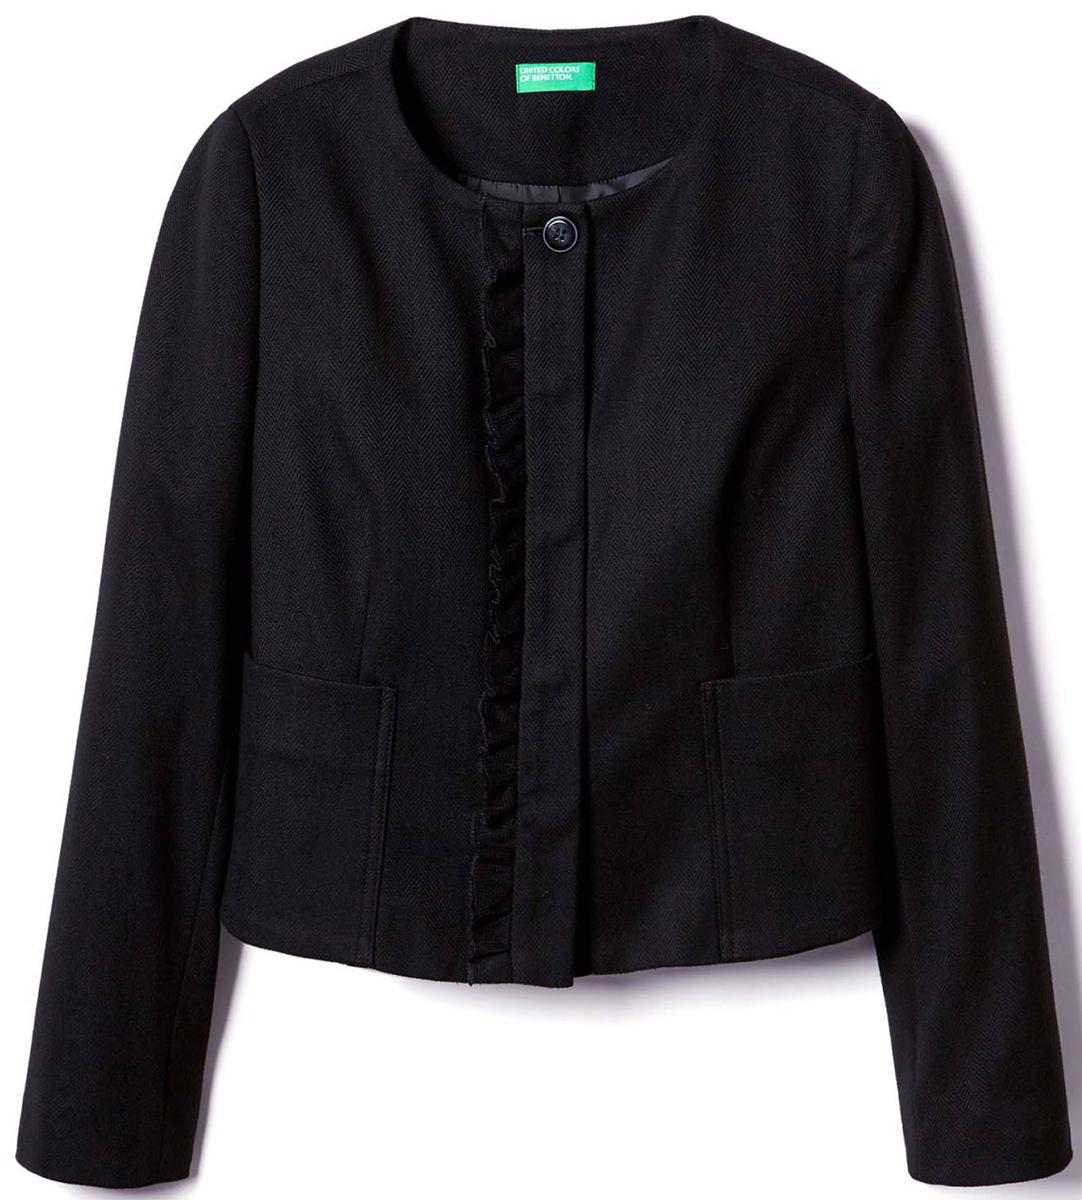 Пиджак жен United Colors of Benetton, цвет: черный. 2UR7522C3_100. Размер 38 (40)2UR7522C3_100